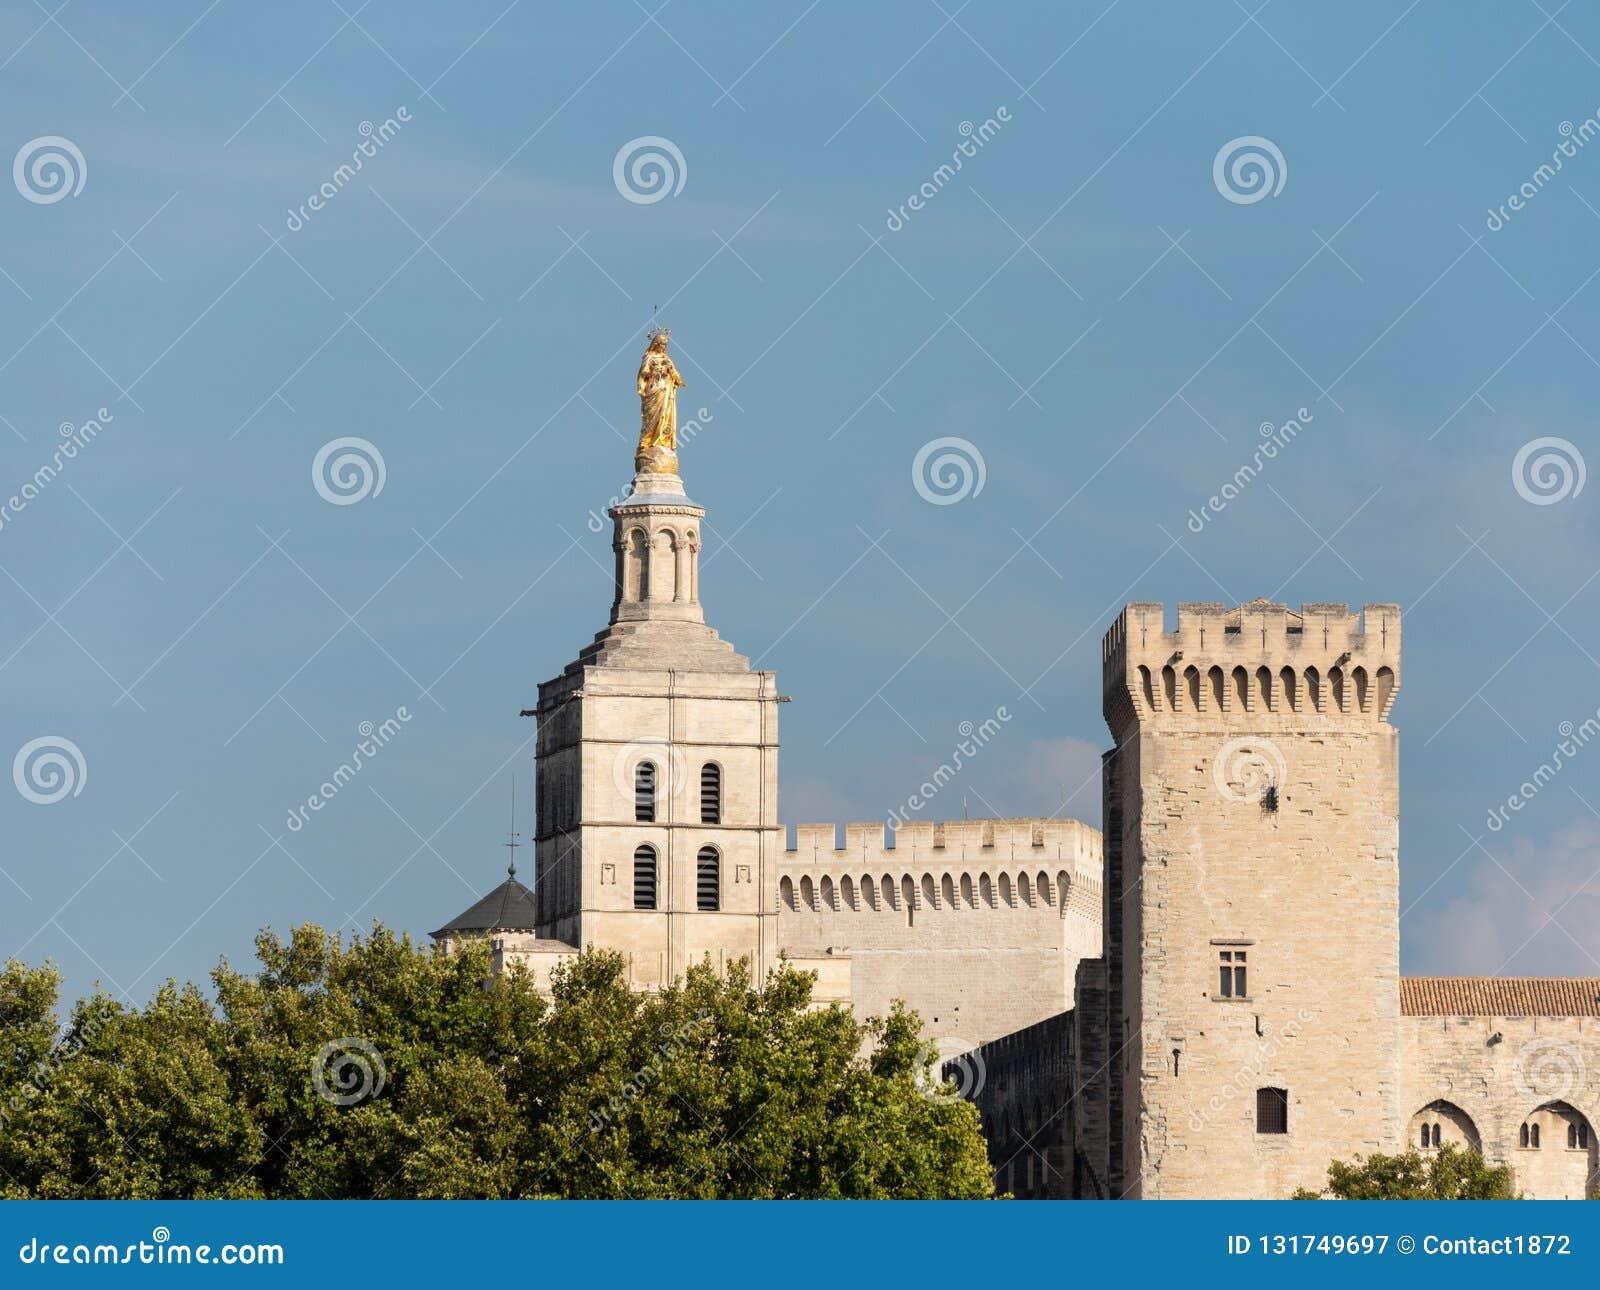 Le palais papal, un palais historique situé à Avignon, France du sud Il est un des plus grande et les plus importante médiévale